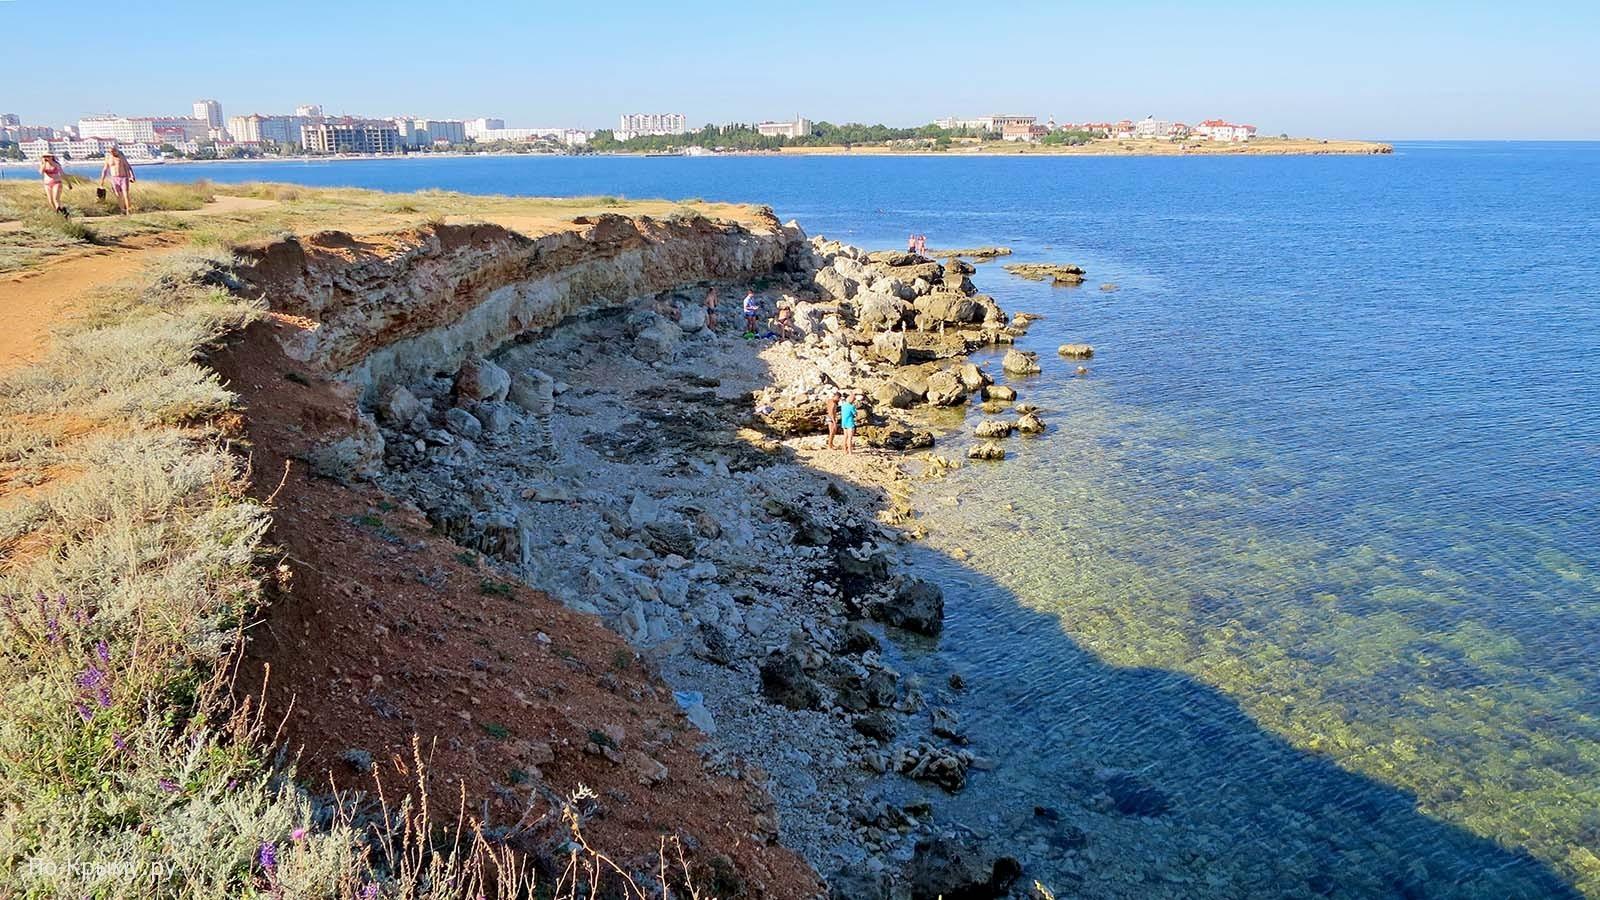 Выход из бухты Круглой, пляж под маяком